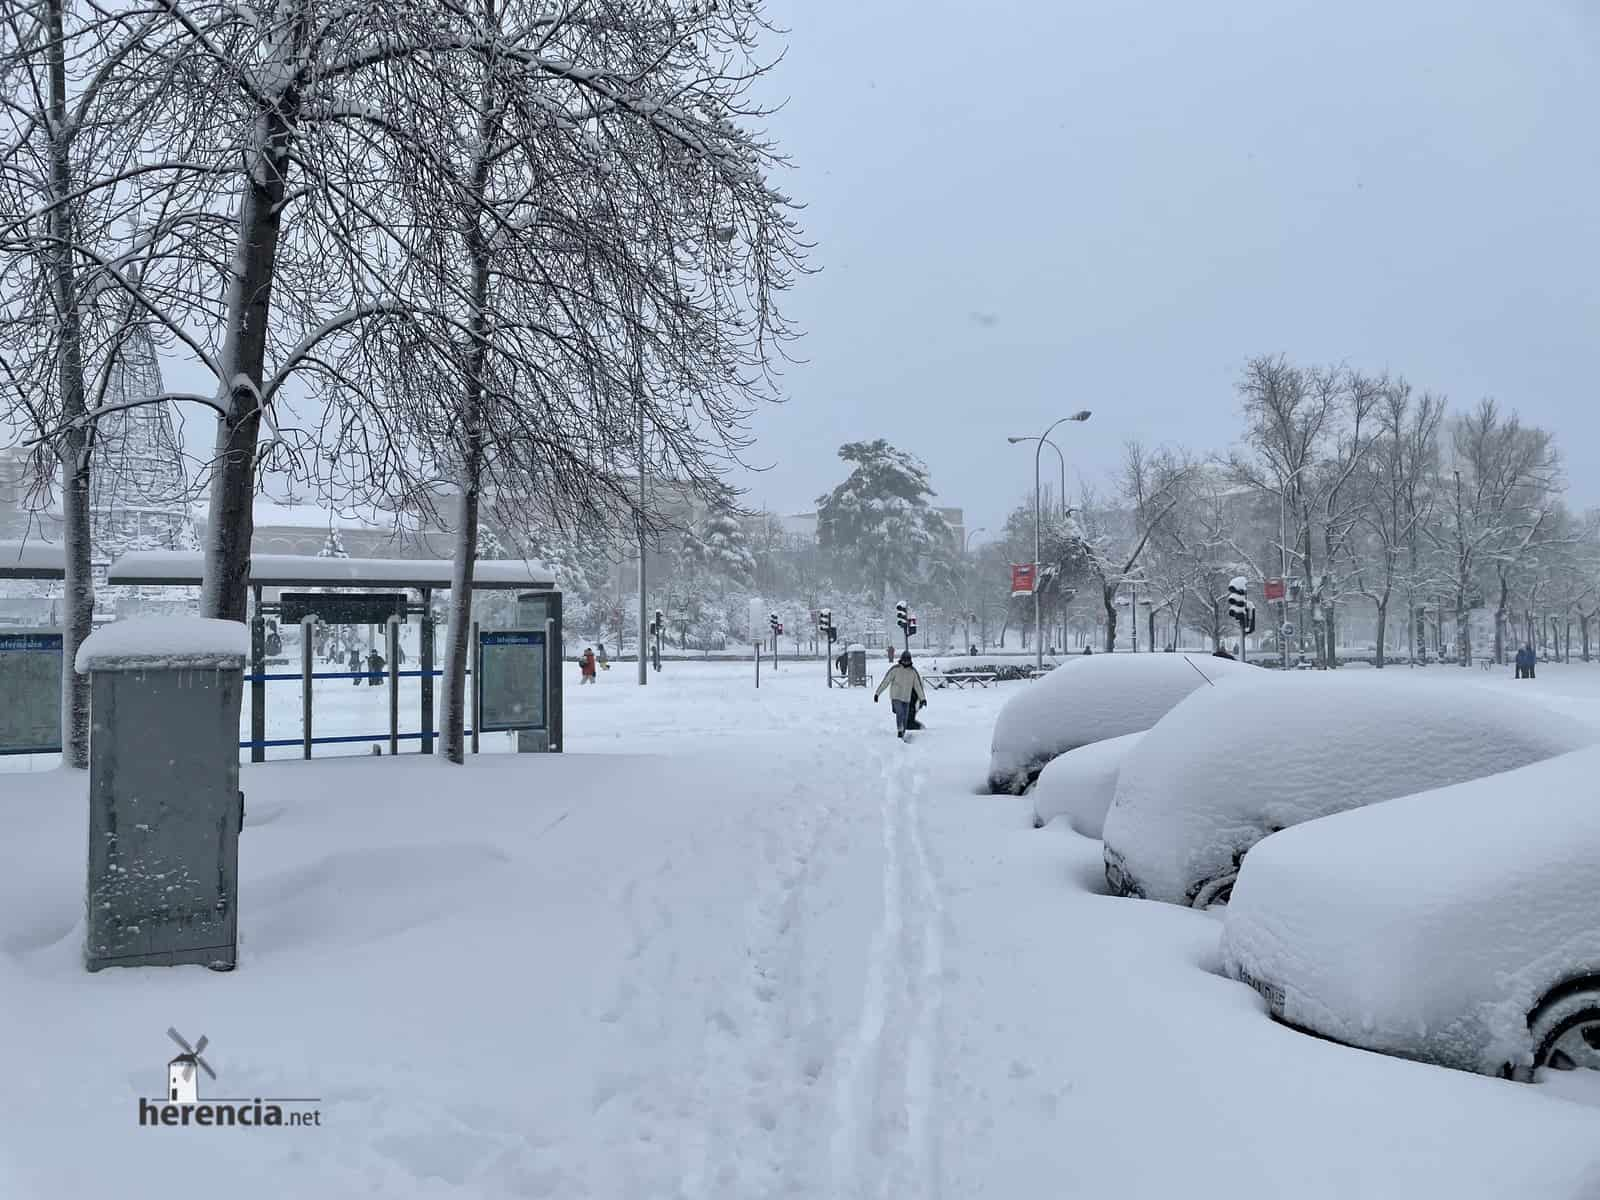 Fotografías de la nevada de enero en Madrid (España) 218